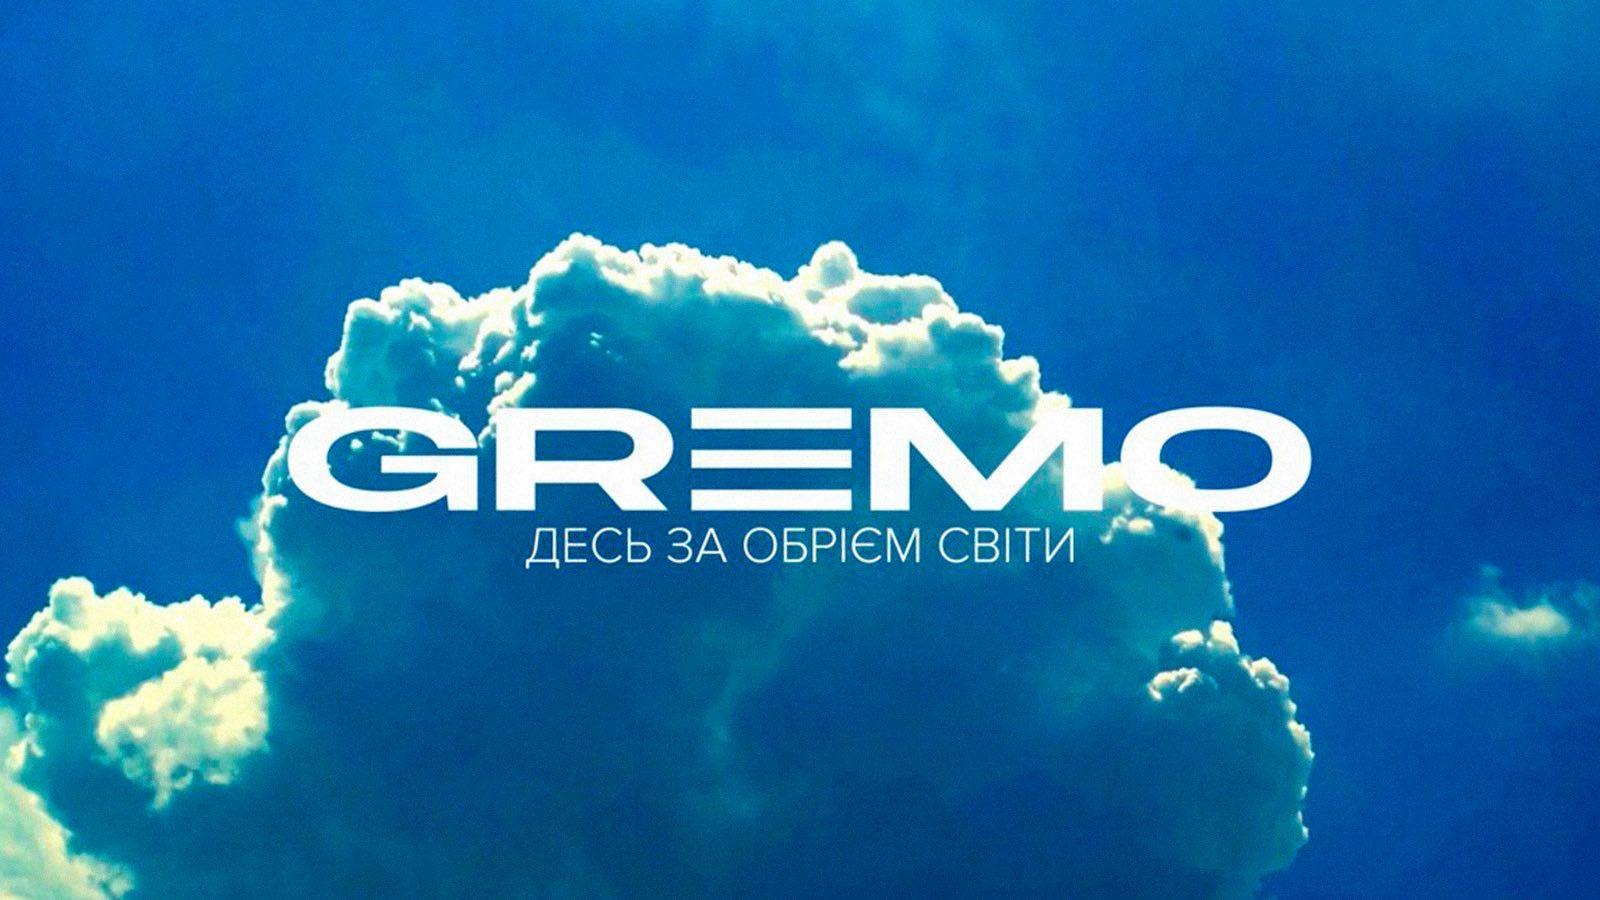 107006747_1350446781831972_6010943887024471474_n ФАНС — UA MUSIC   Енциклопедія української музики